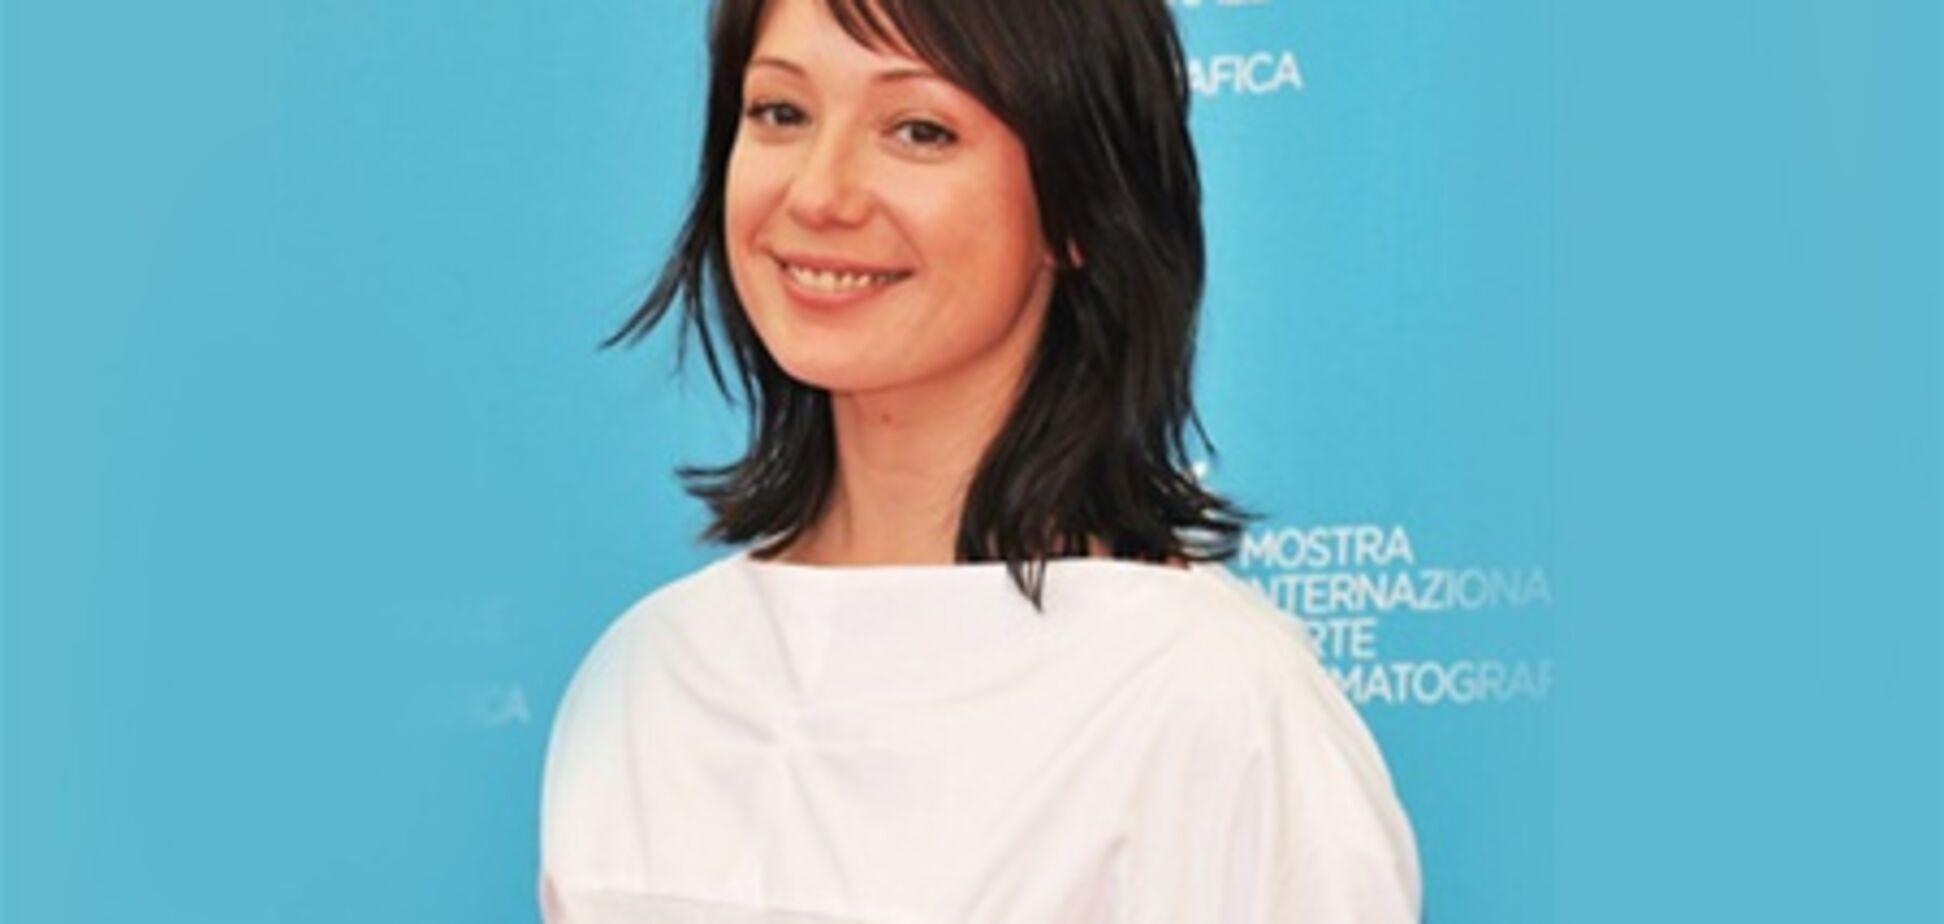 'СБУ надо?' Известная российская актриса собралась в Крым с гастролями